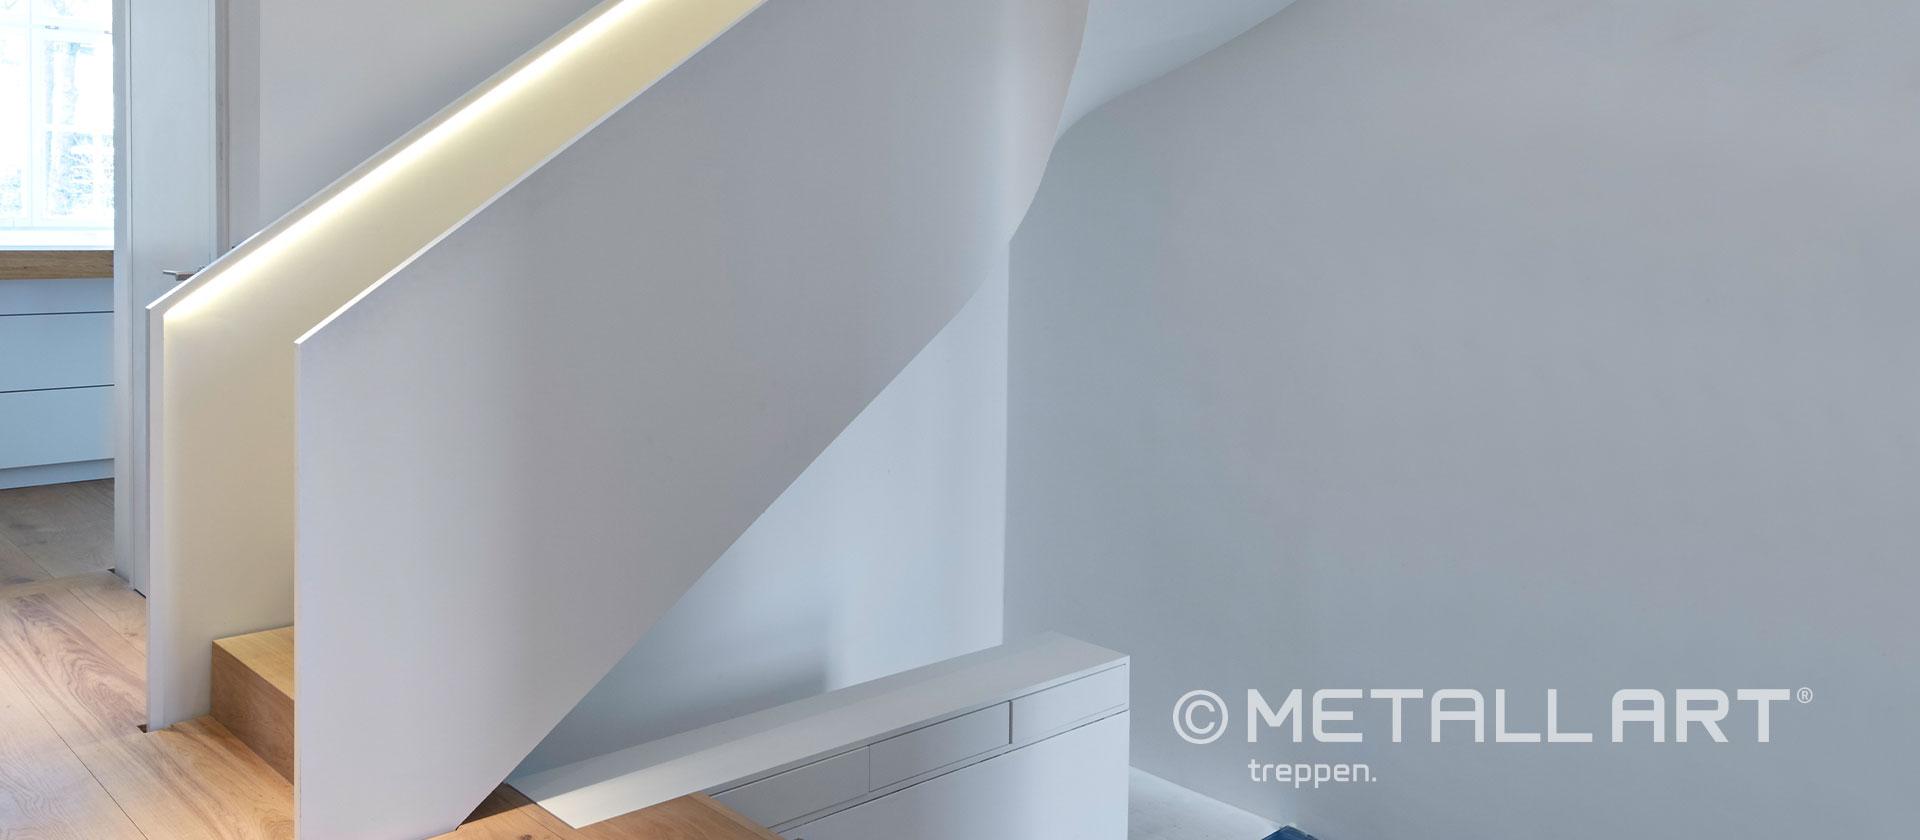 Treppe weiß gewendelt skulptural